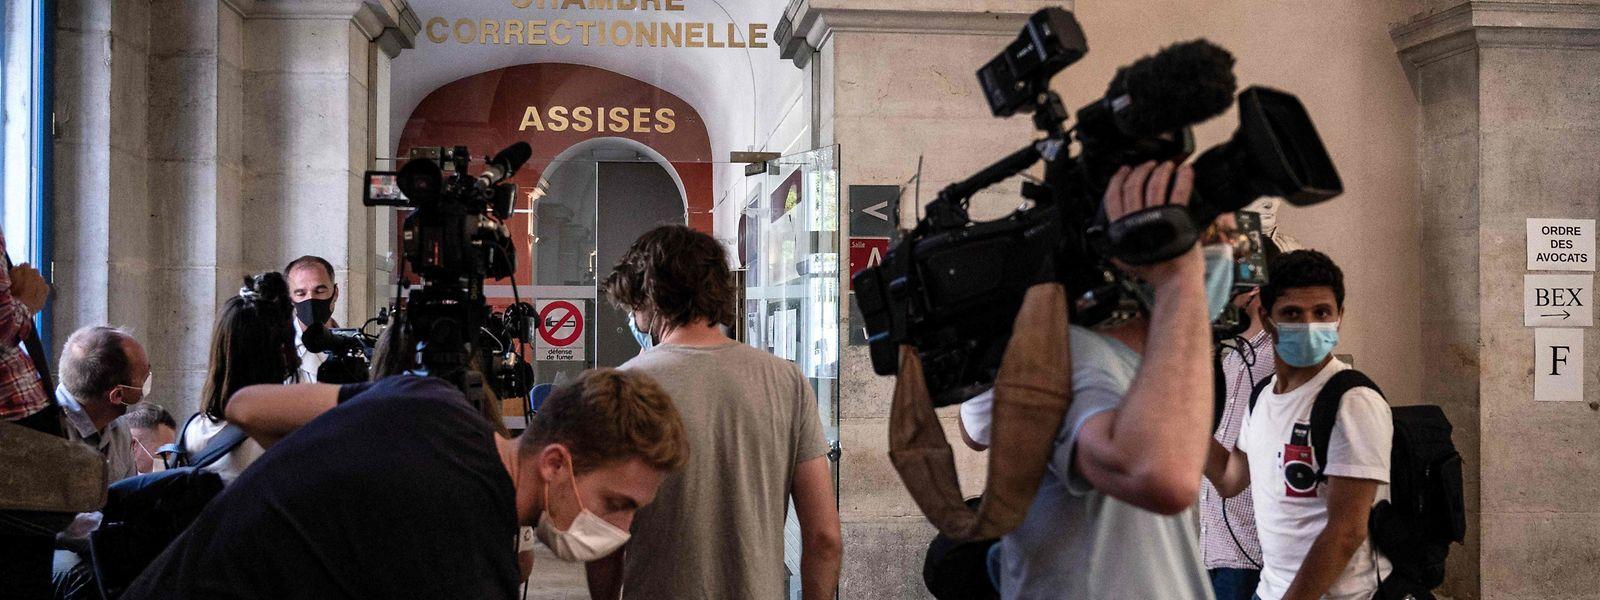 Vor dem Gerichtssaal in Valence warten Journalisten auf das Ende des Prozesses gegen den 28-Jährigen, der Präsident Macron geohrfeigt hat.